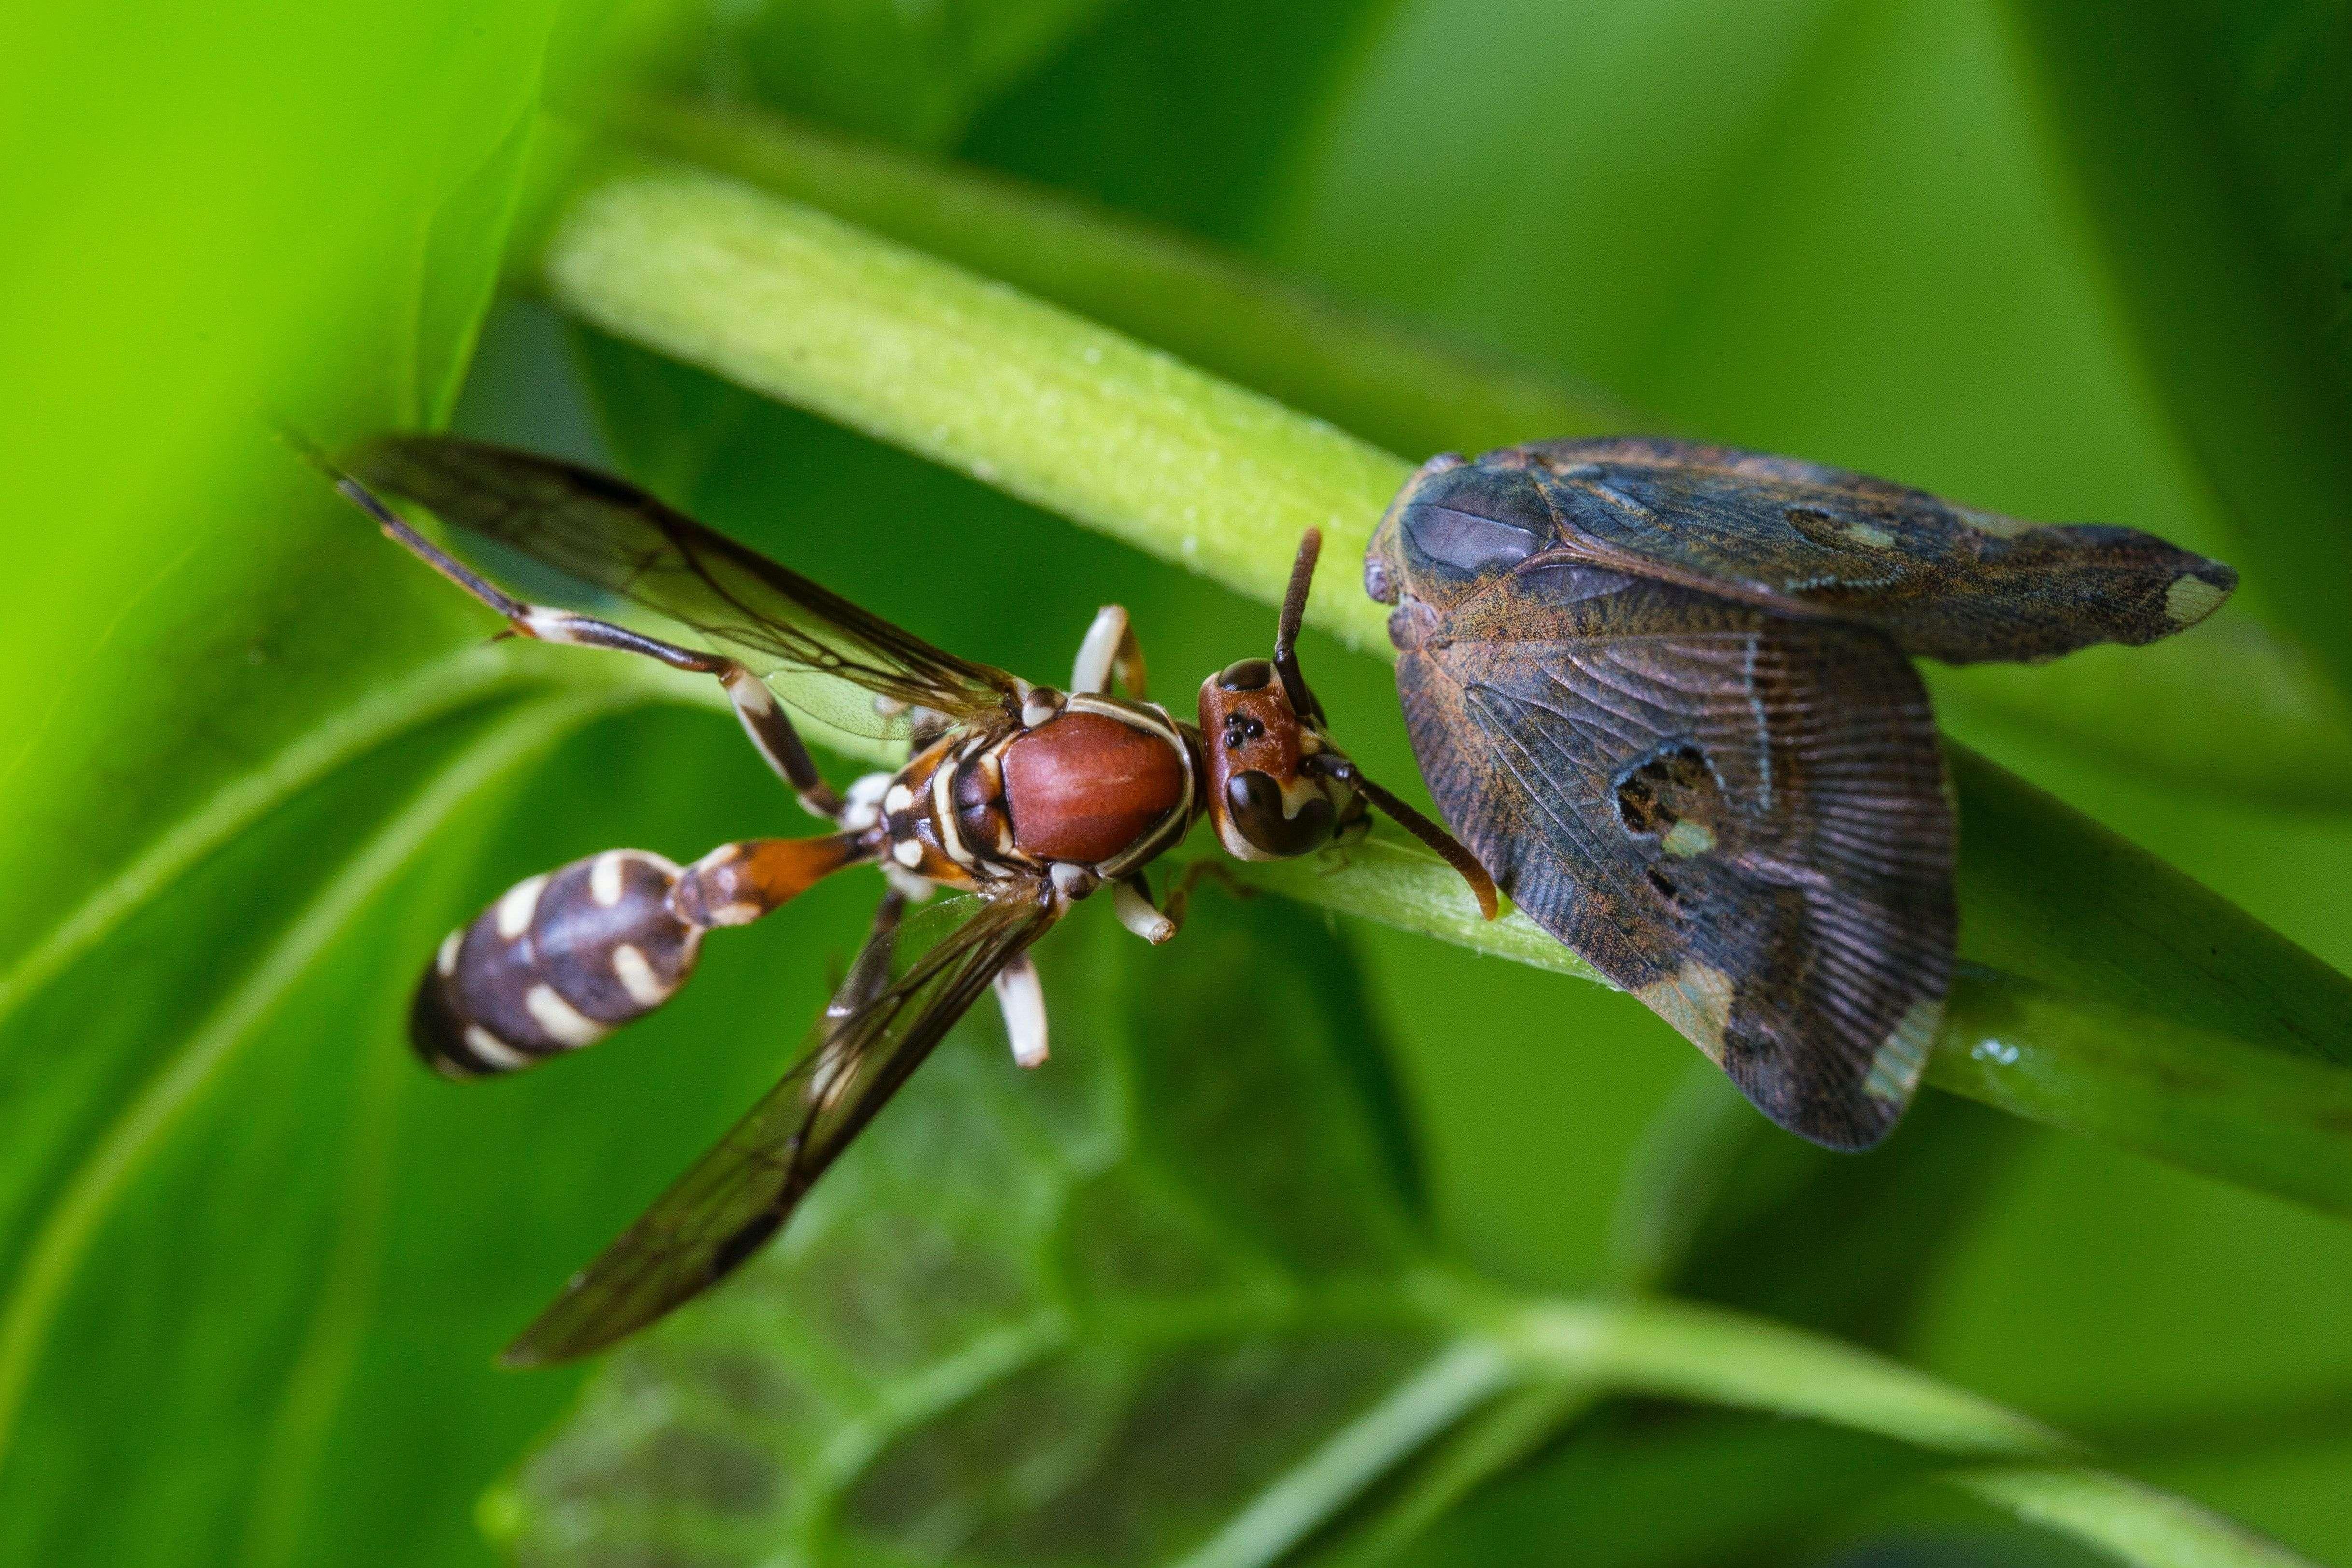 Désinsectisation : éliminer les insectes durablement